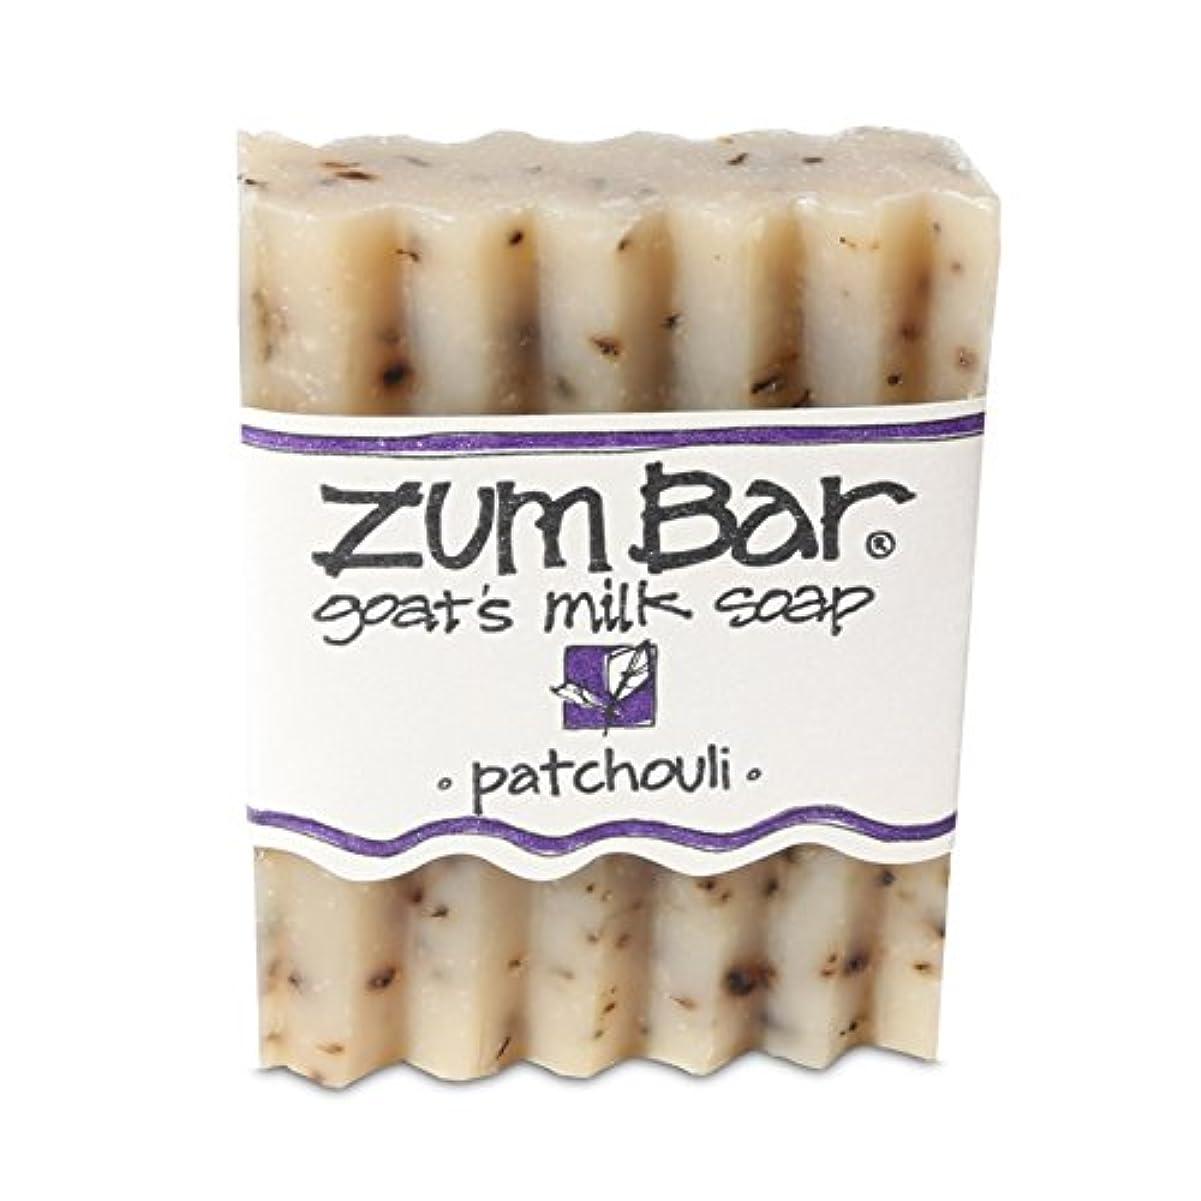 ソケット起こりやすいトリッキー海外直送品 Indigo Wild, Zum Bar, Goat's ミルク ソープ パチョリ, 3 Ounces (2個セット) (Patchouli) [並行輸入品]